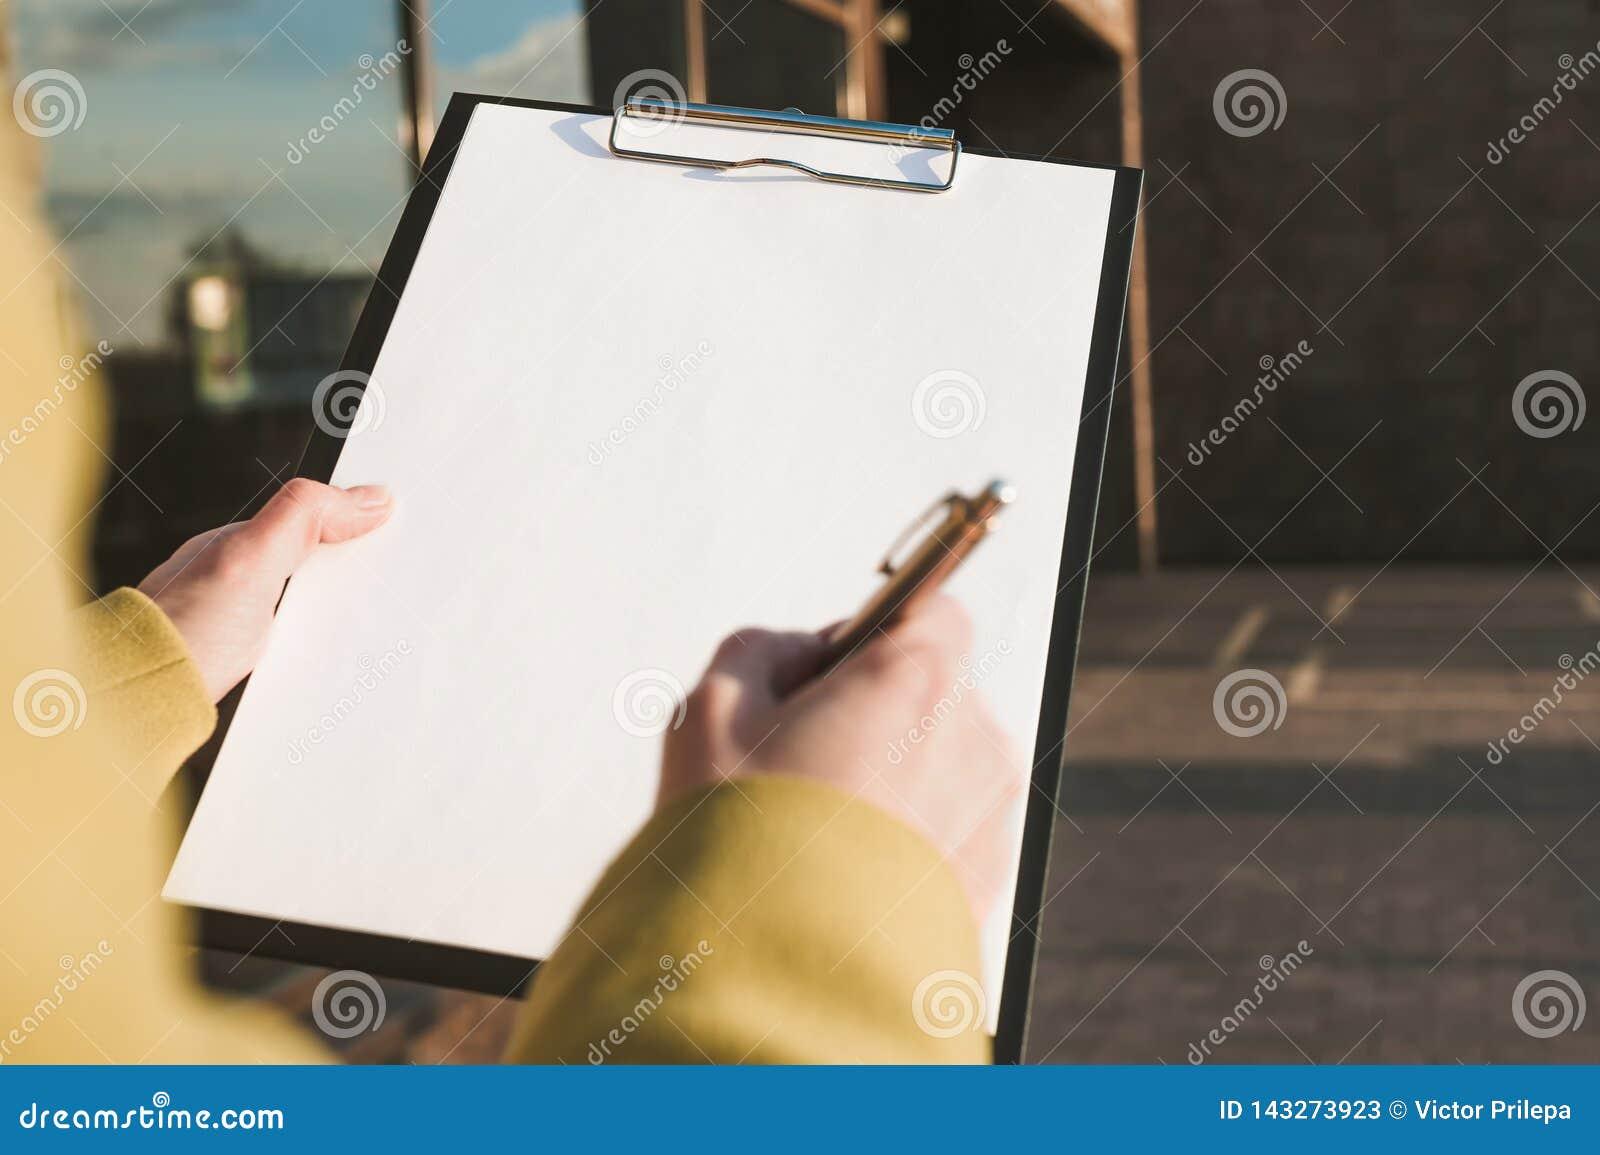 Spot omhoog van de tablet voor het document in de handen van het meisje tegen de achtergrond van het glascentrum